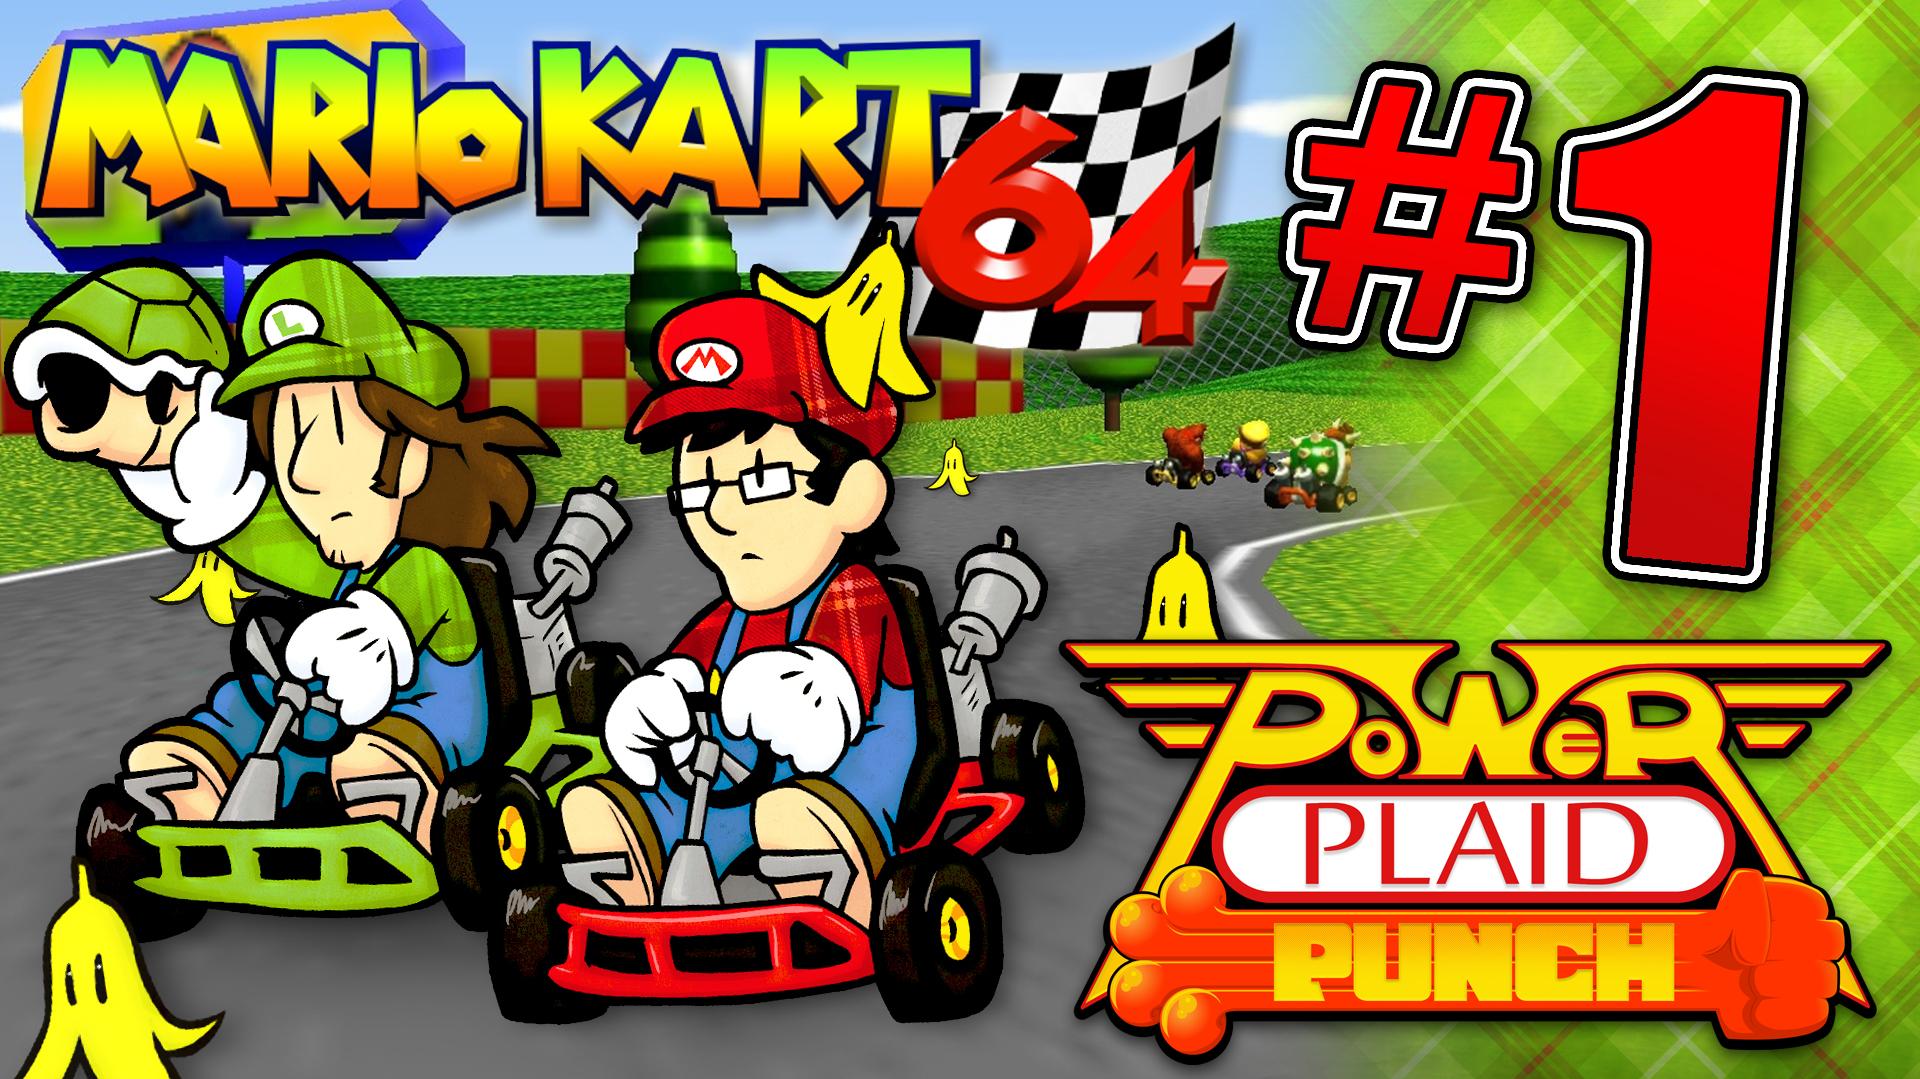 Power Plaid- Mario Kart 64